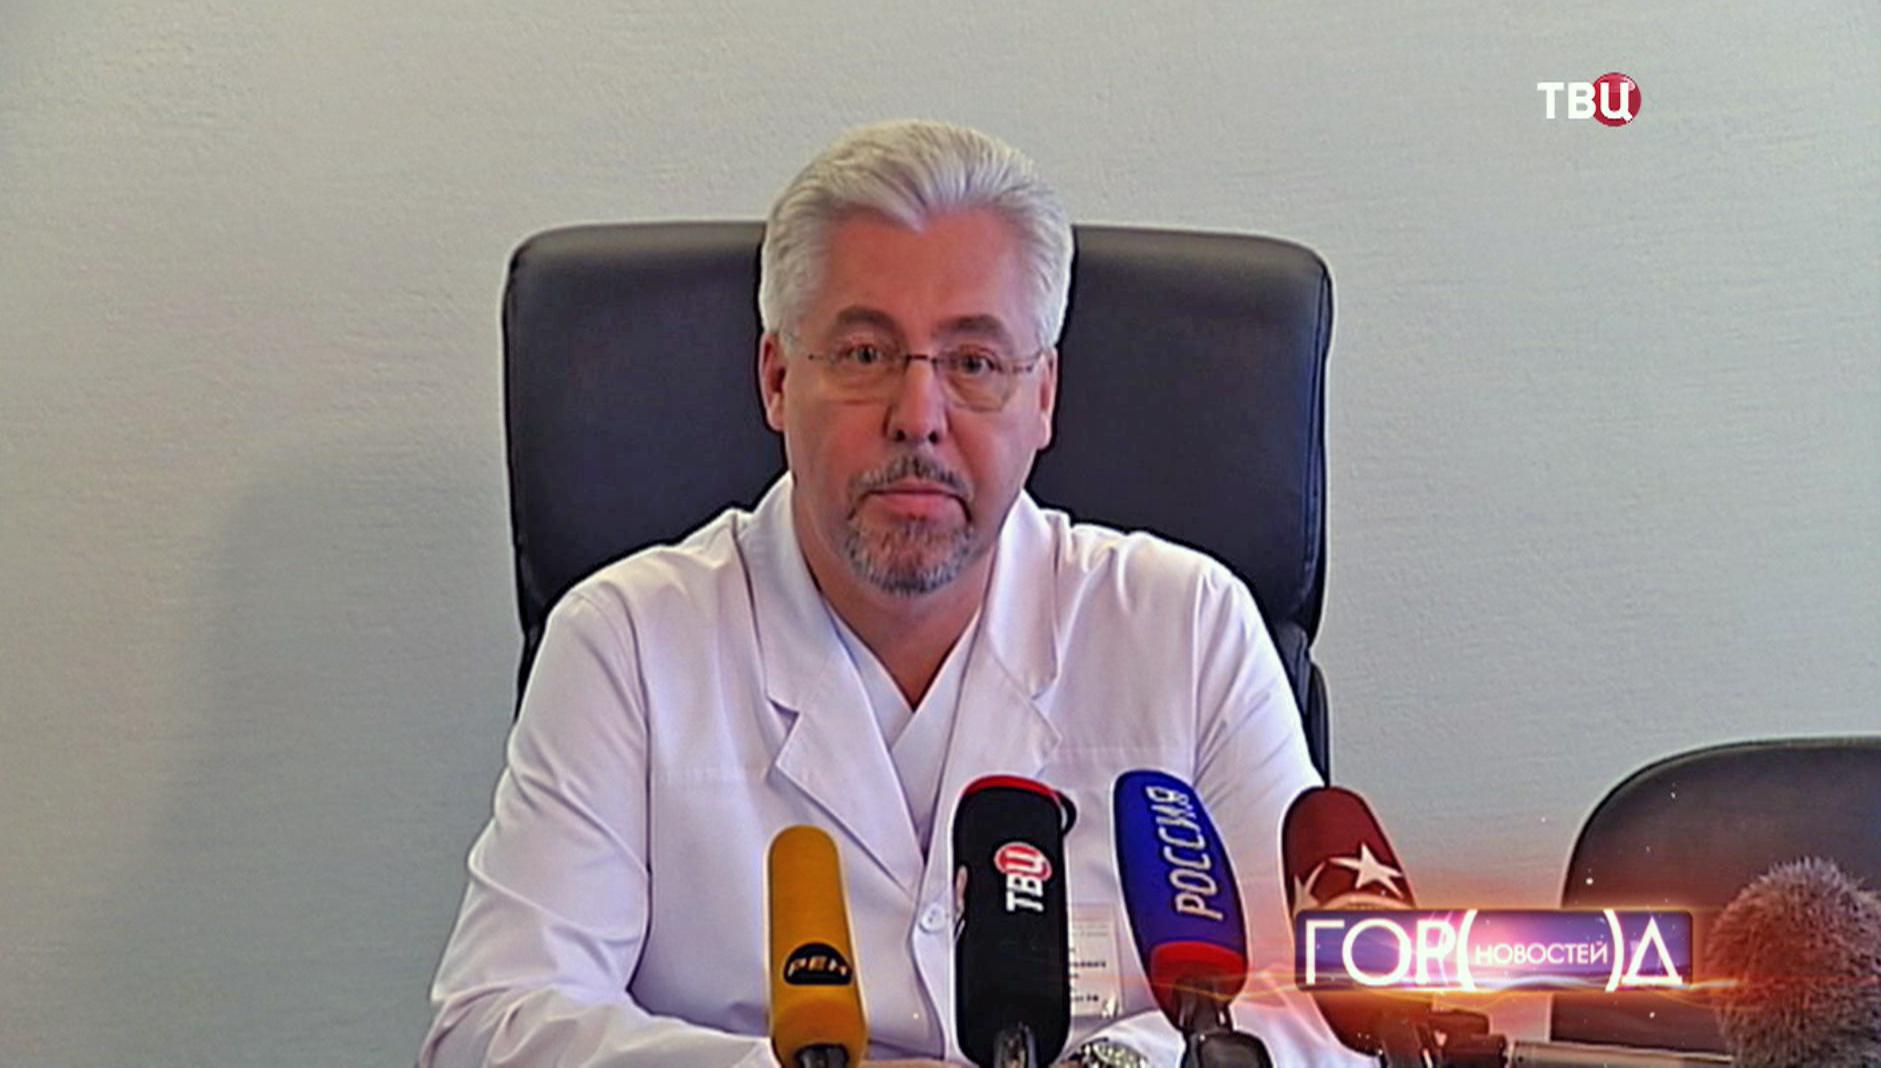 Главный врач ГКБ им. С.П. Боткина Алексей Шабунин